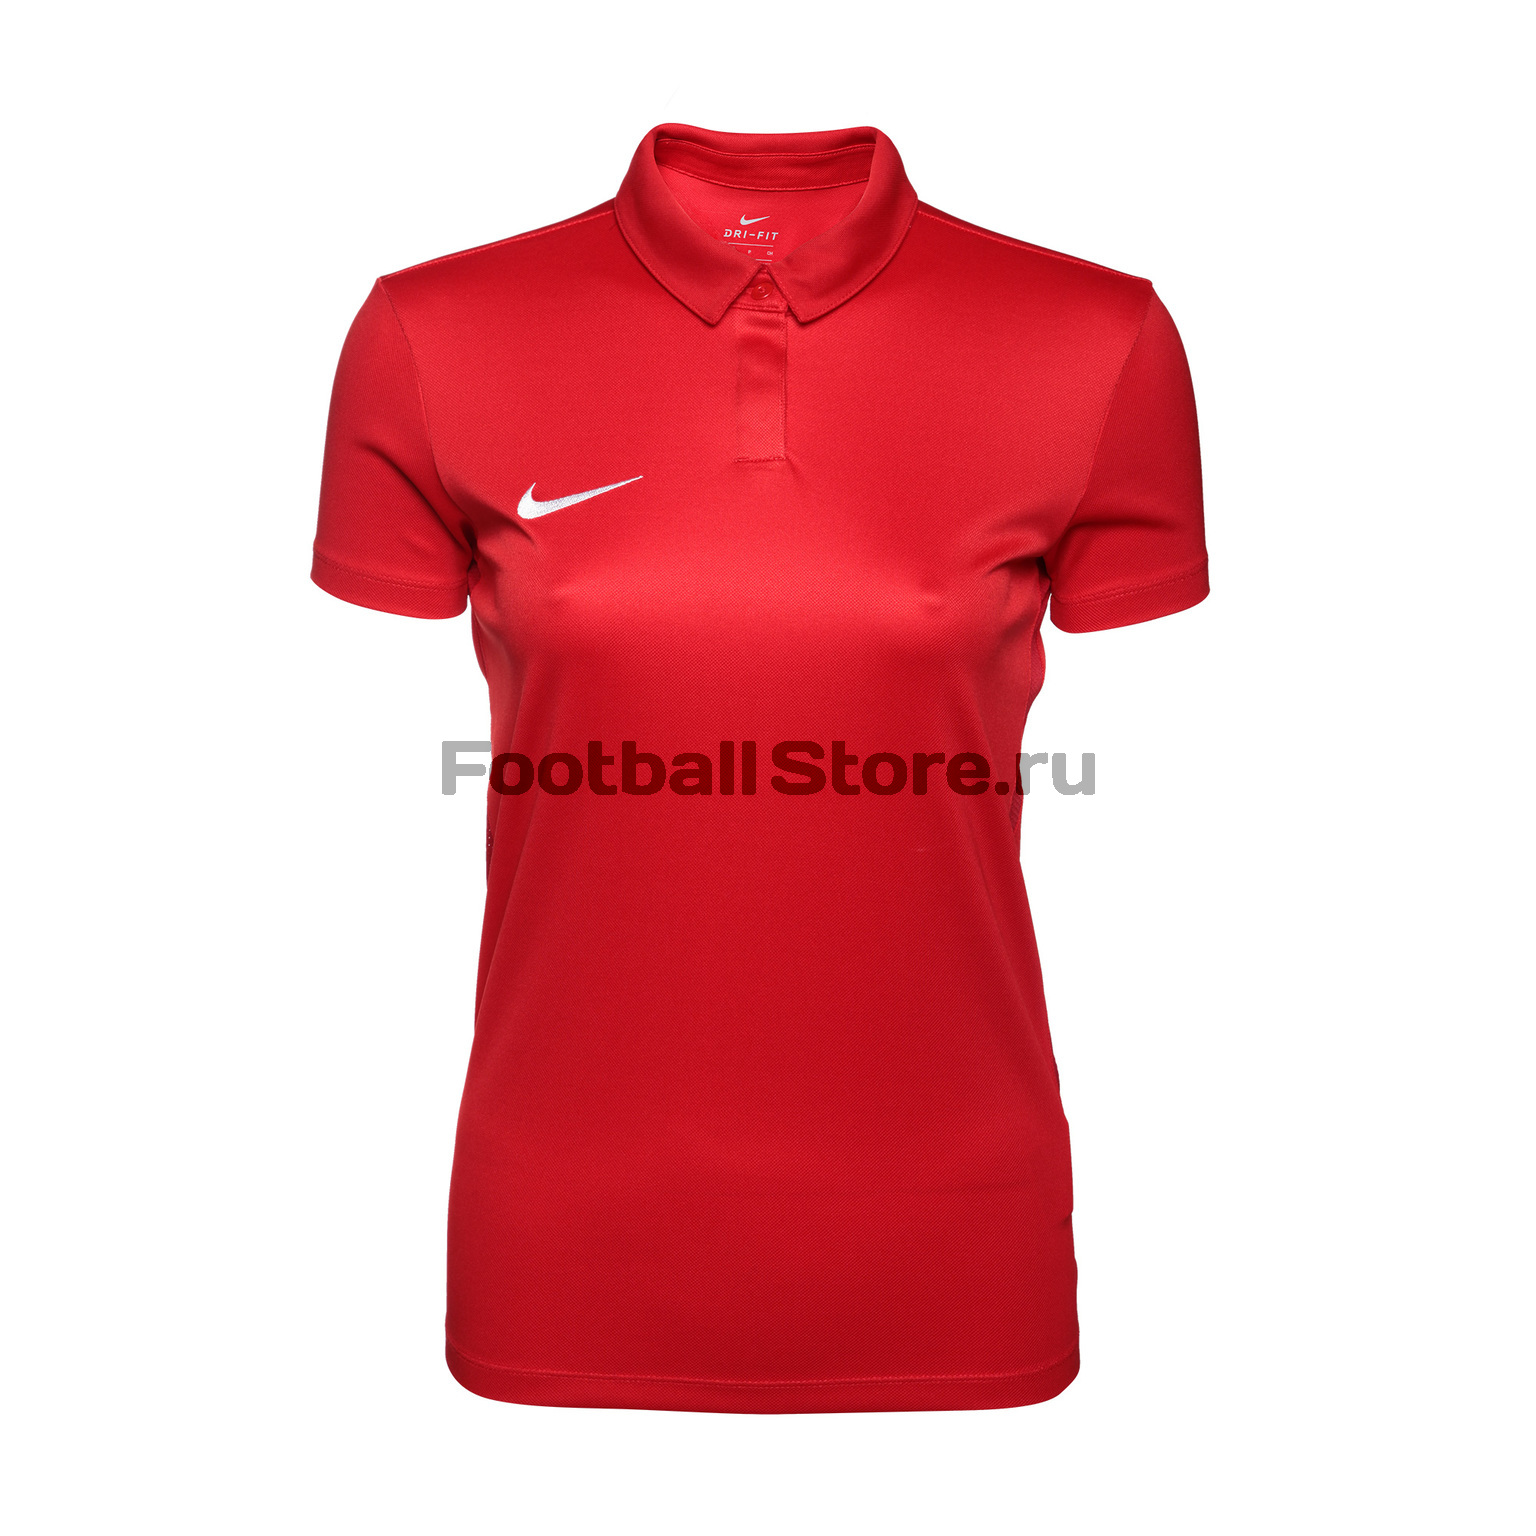 Поло женское Nike Dry Academy18 899986-657